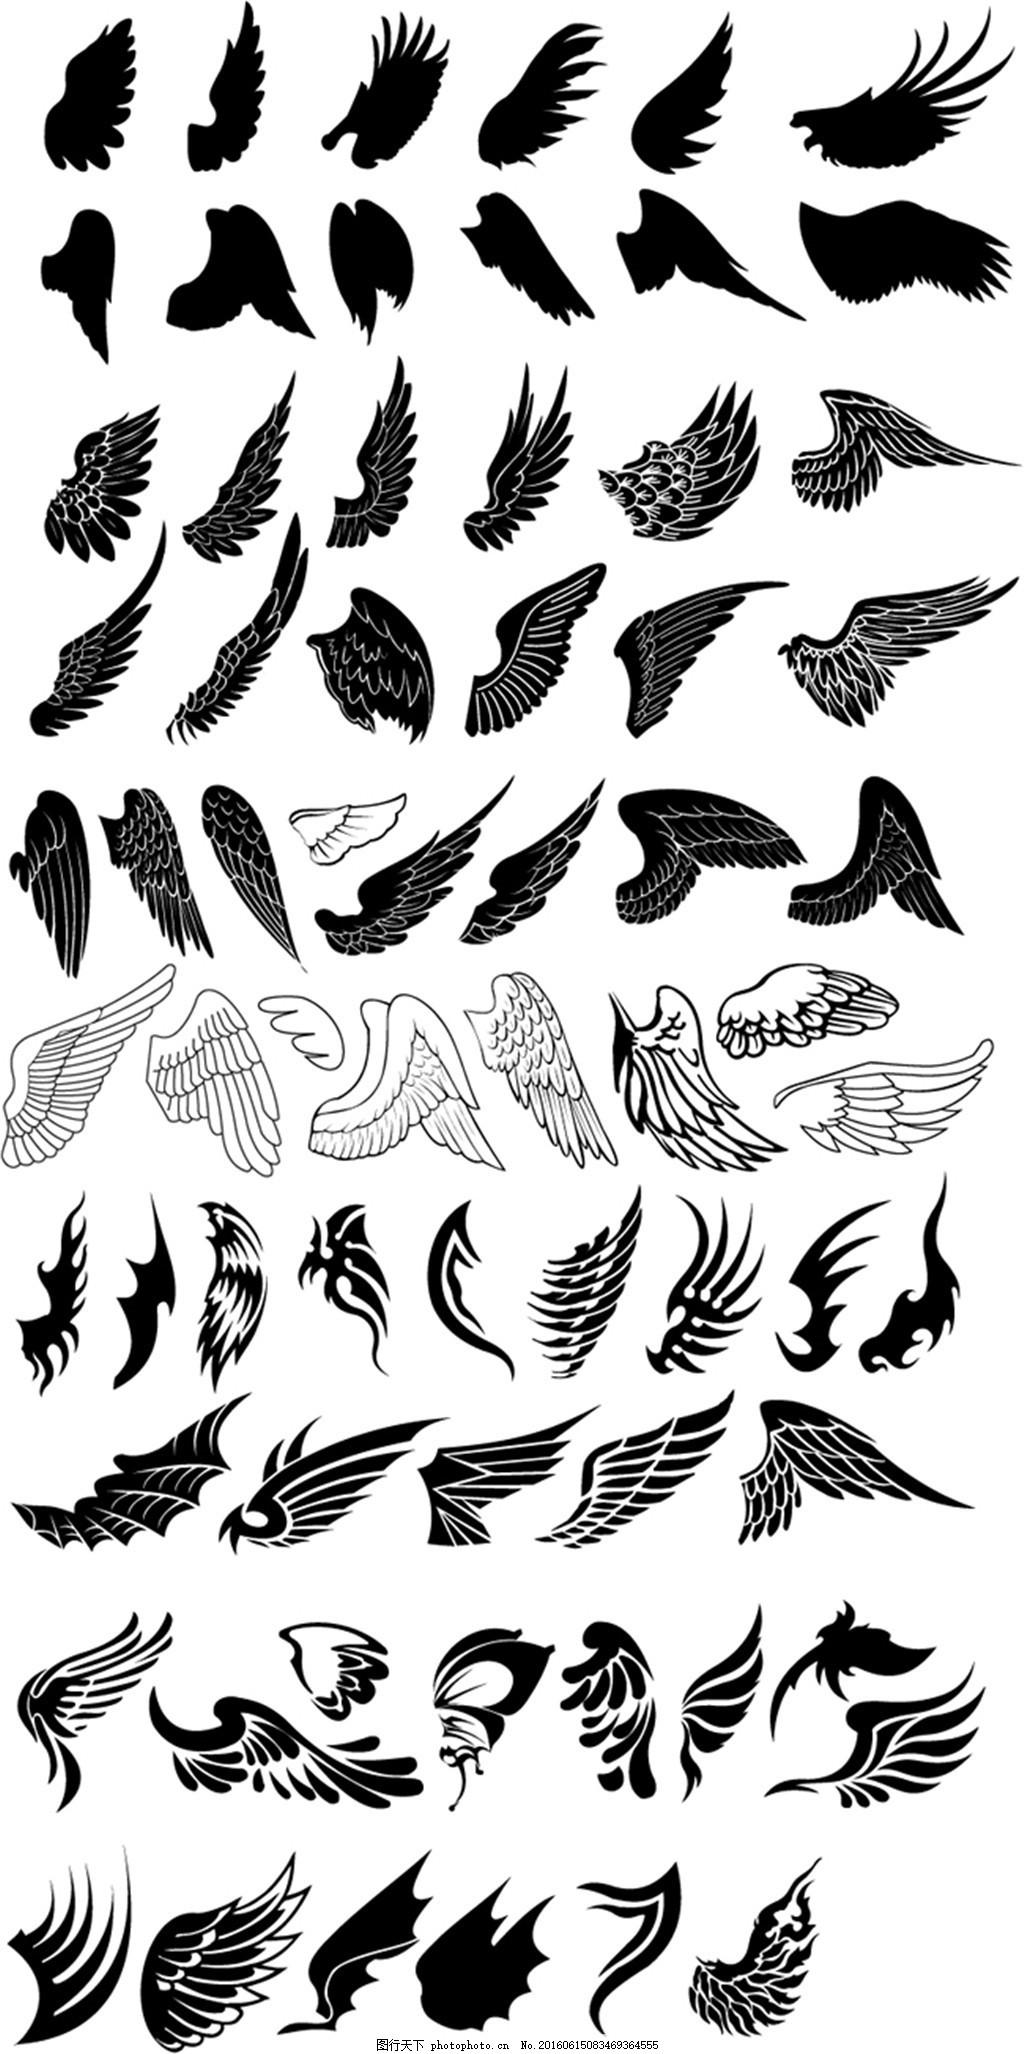 精美手绘翅膀矢量素材 手绘 翅膀 天使 动物 图标 图案 标签 装饰